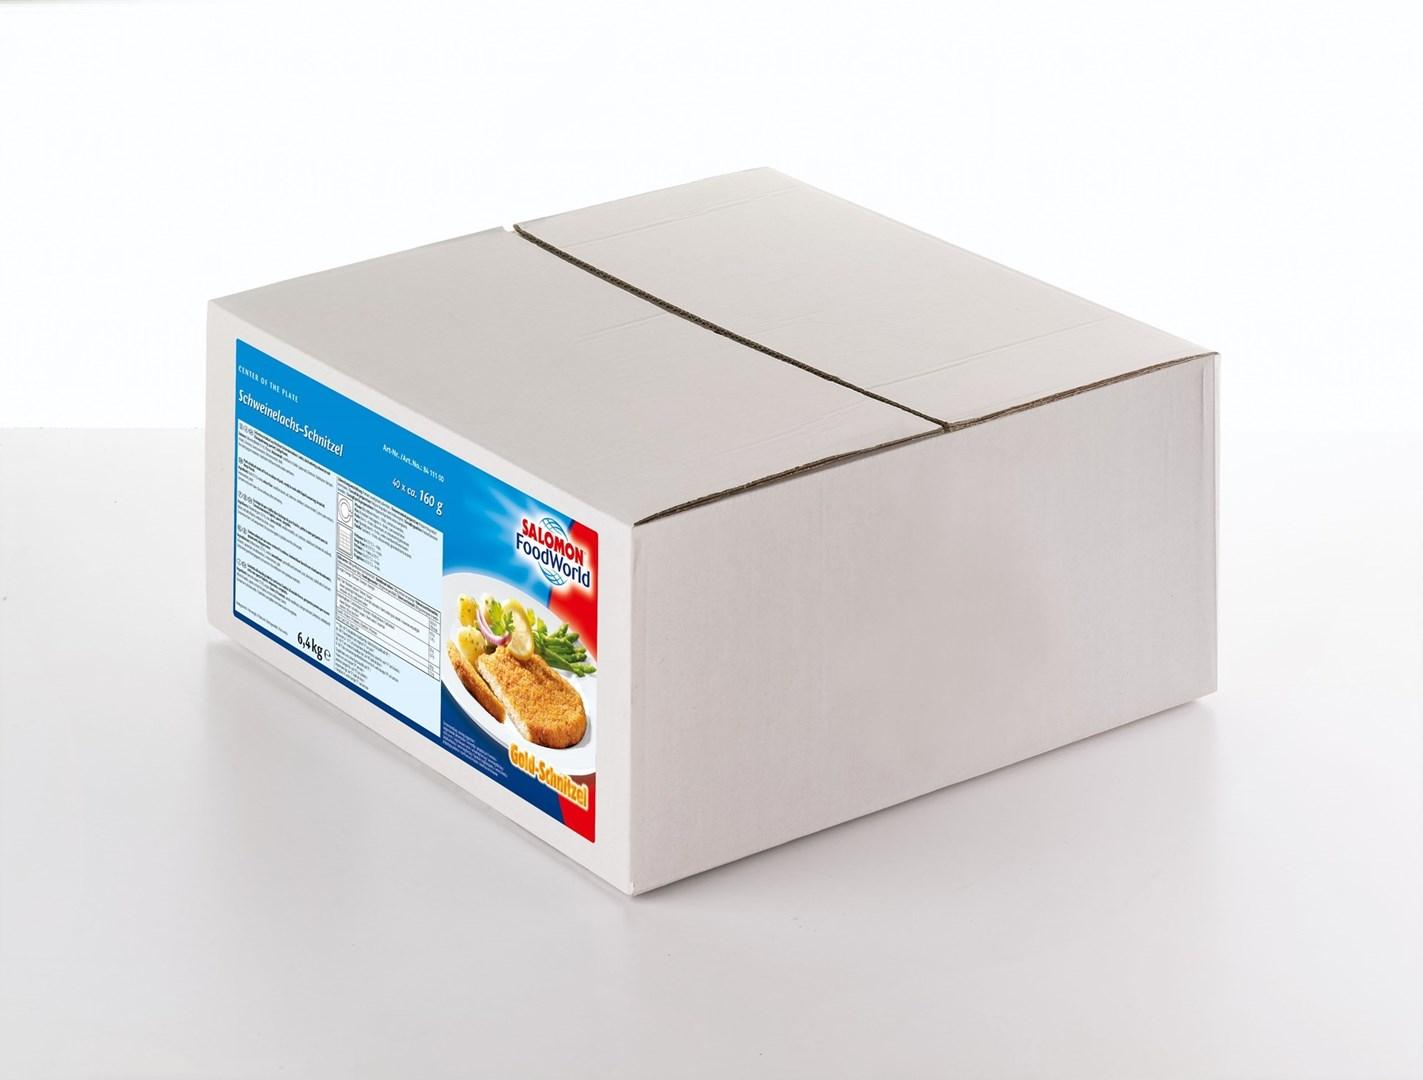 Productafbeelding MS Varkensfilet Schnitzel 250 g